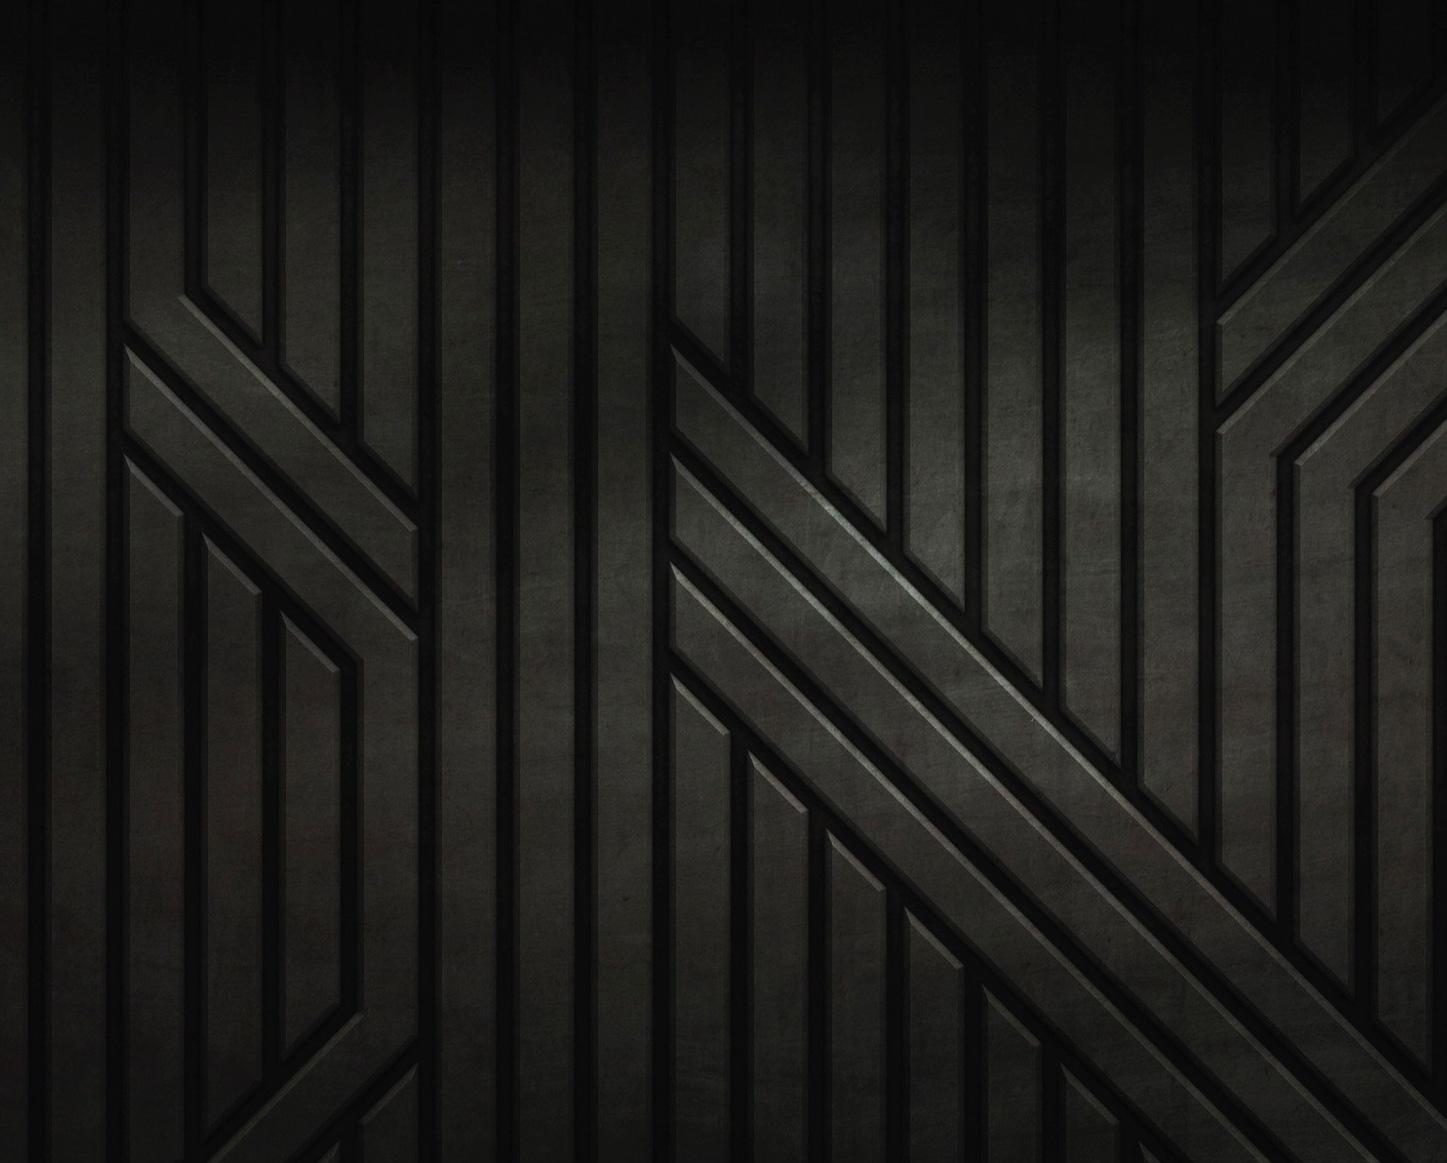 textures 1-8-07